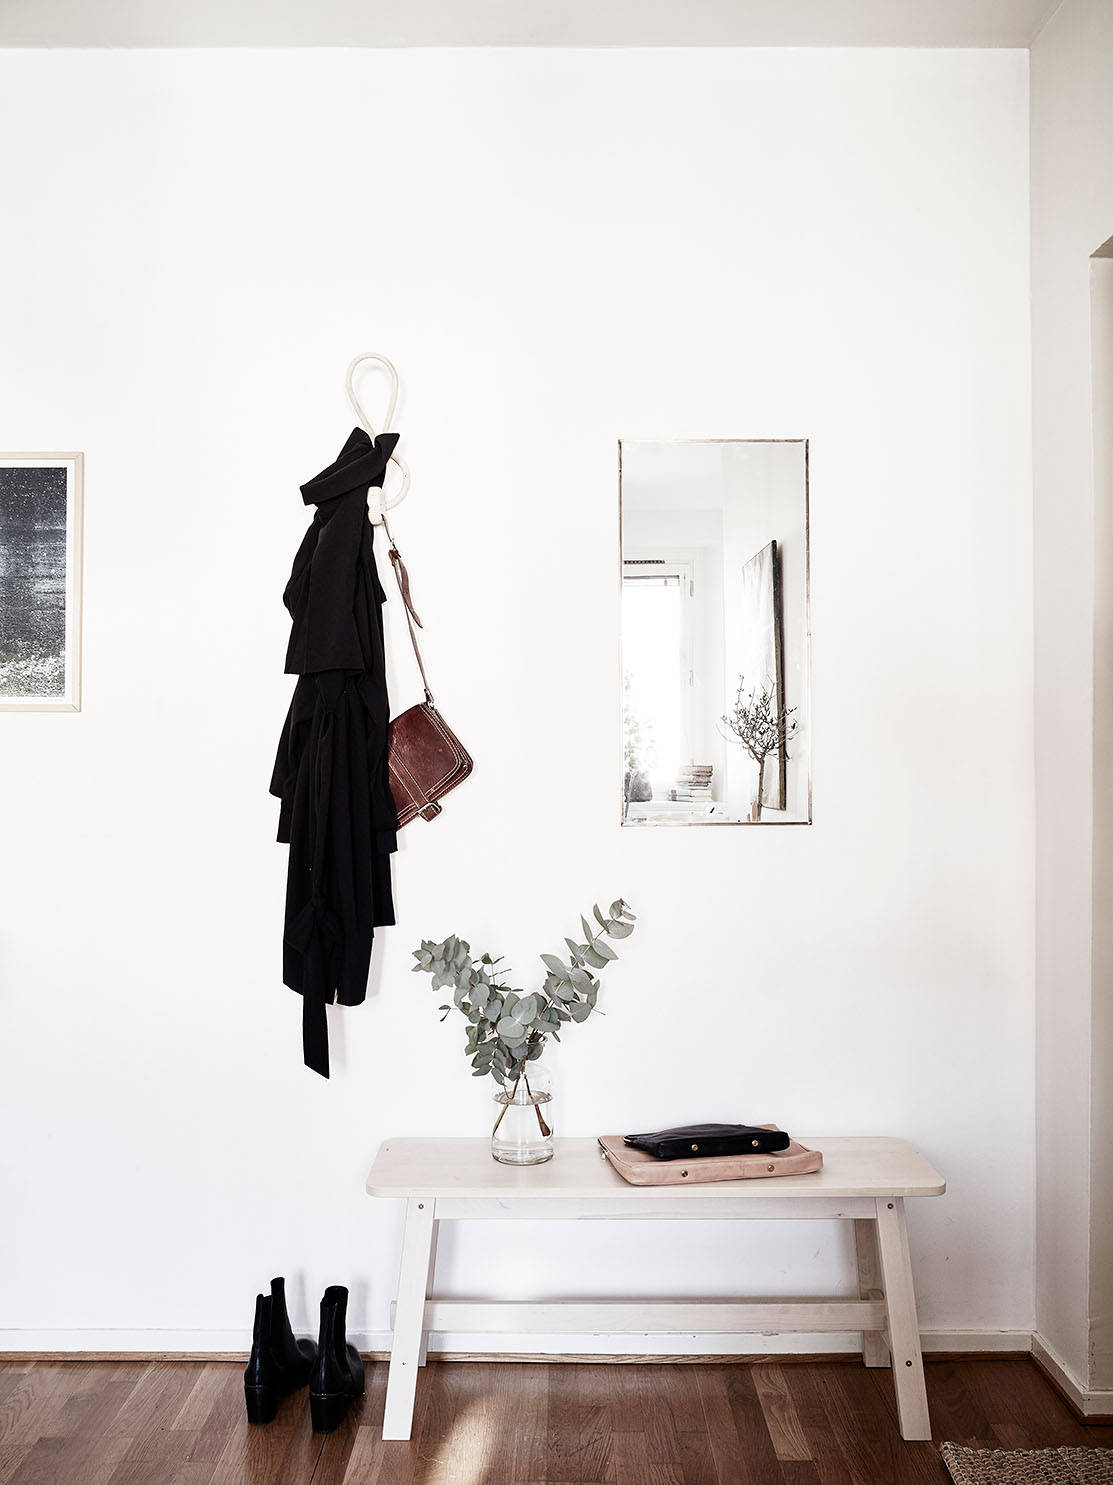 Uber Dreamy Tiny Studio Apartment Daily Dream Decor